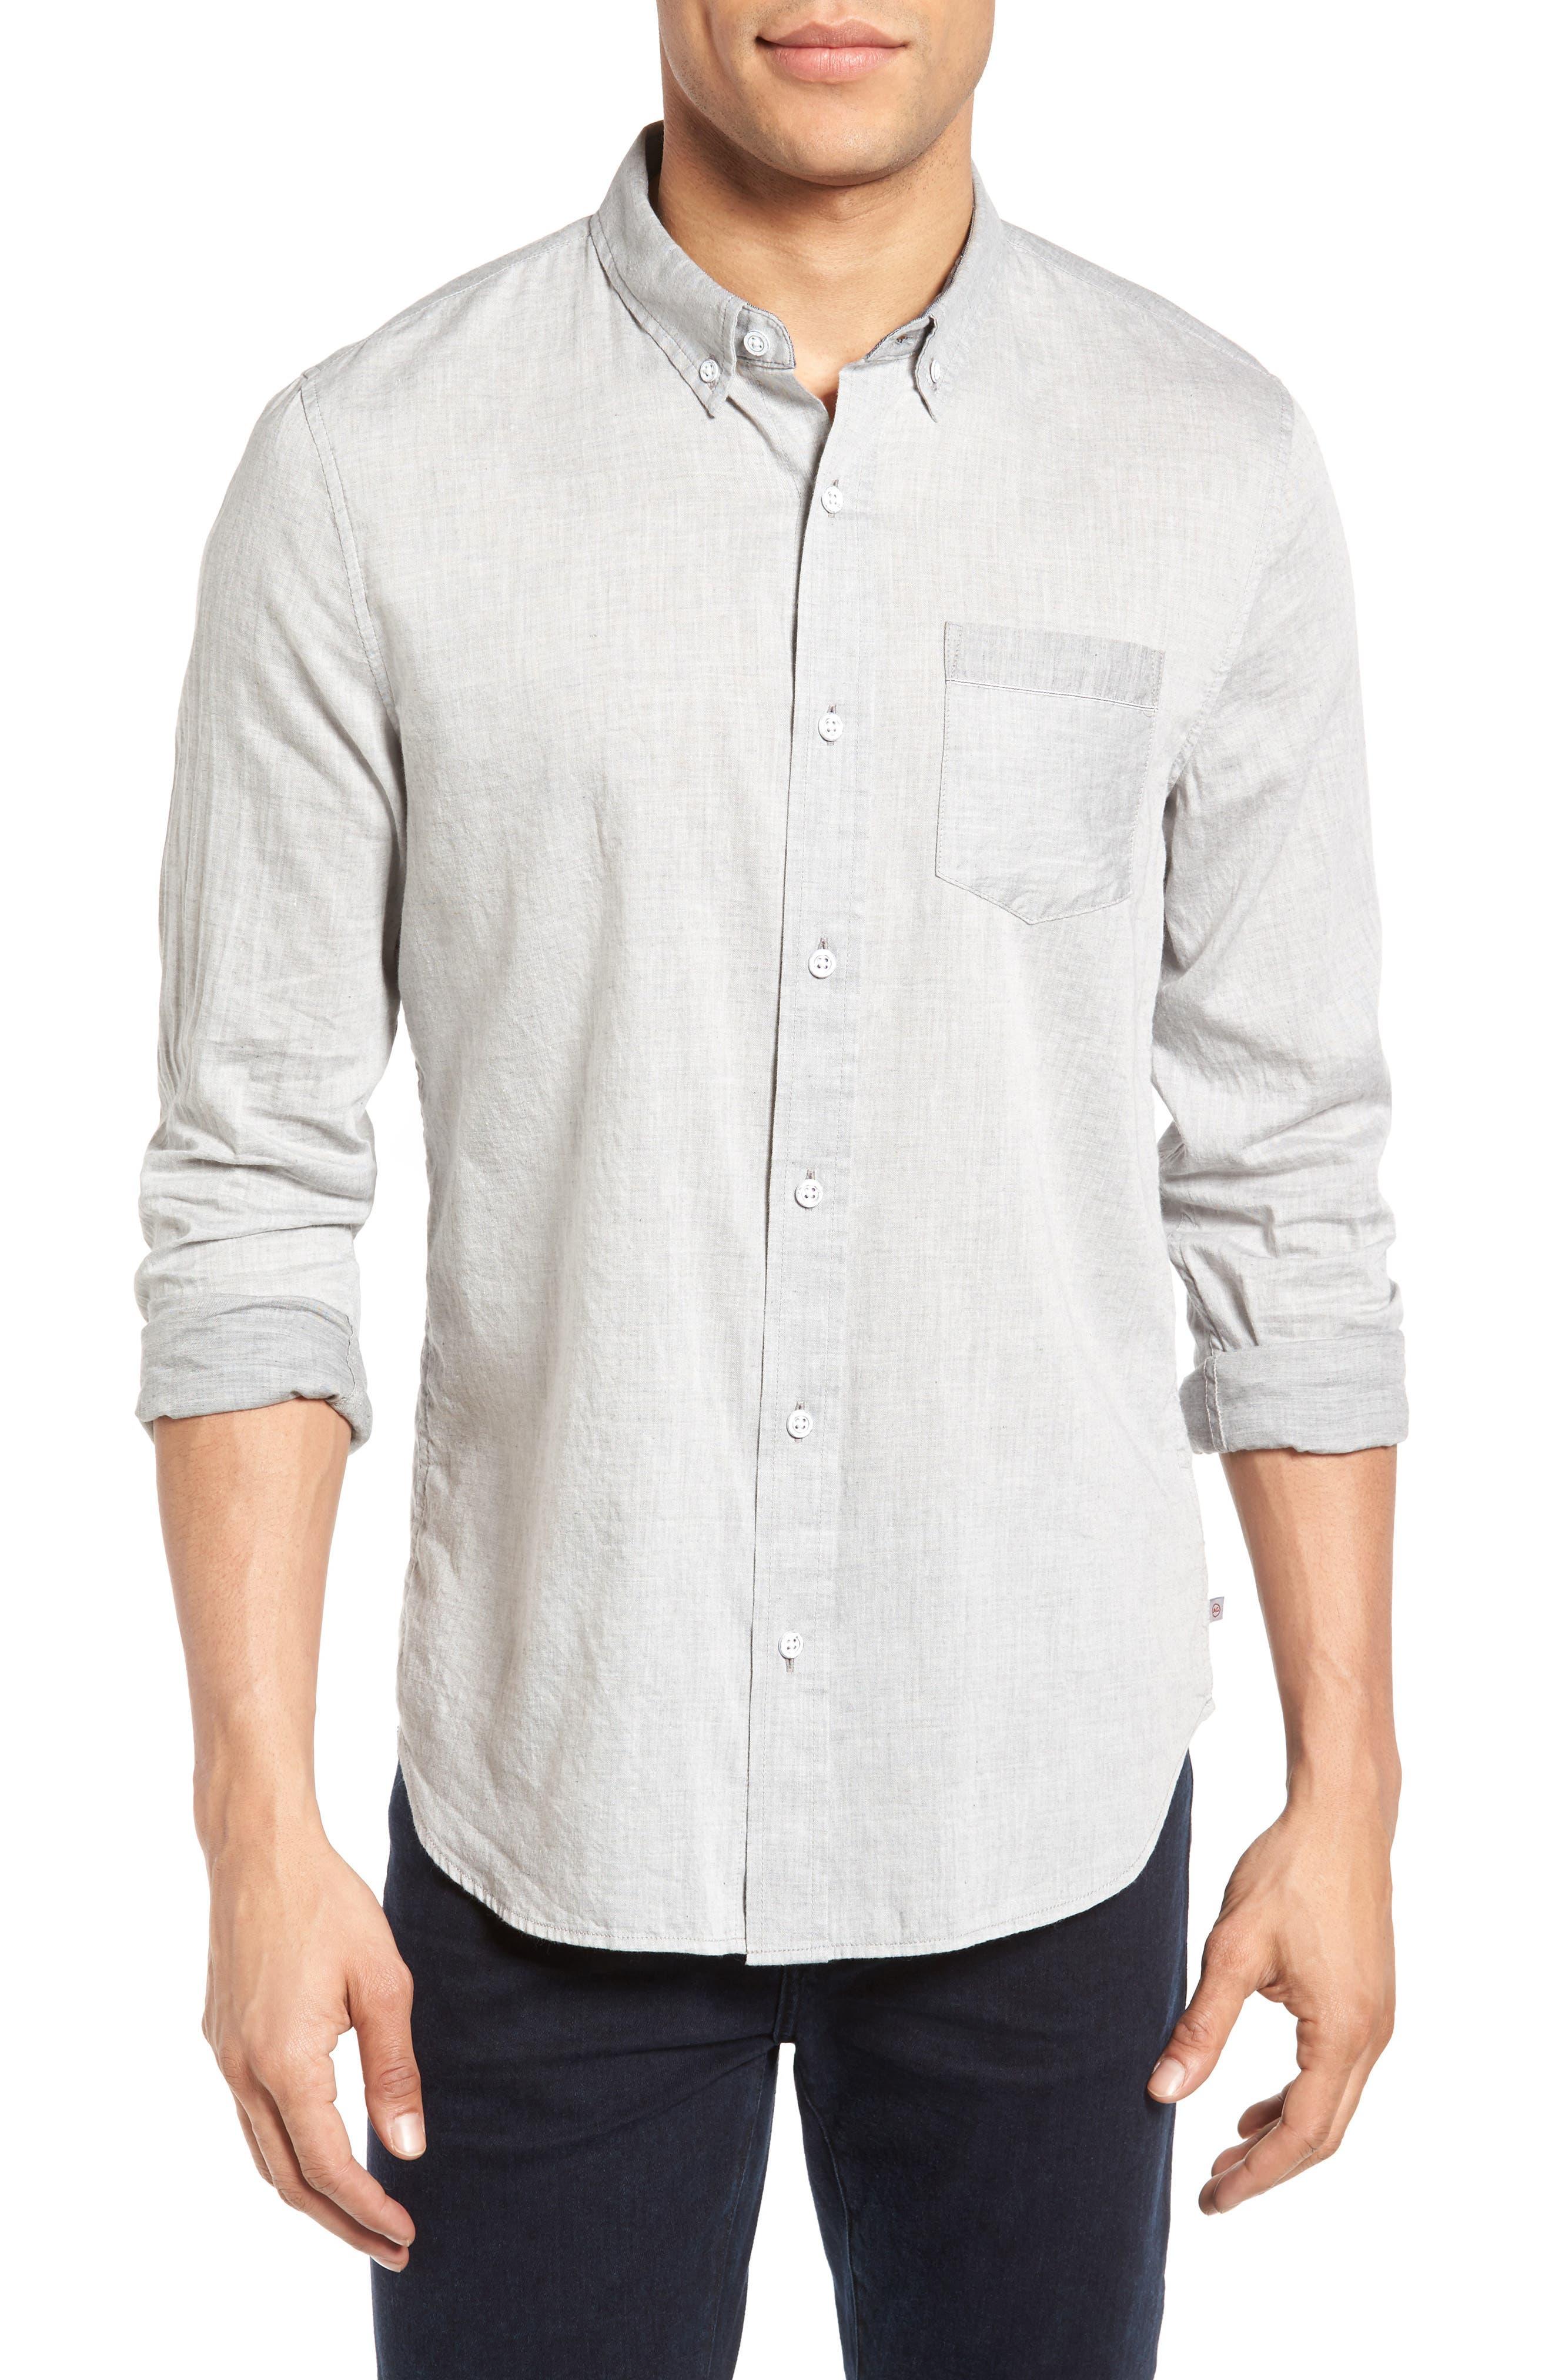 Grady Trim Fit Sport Shirt,                         Main,                         color, 022